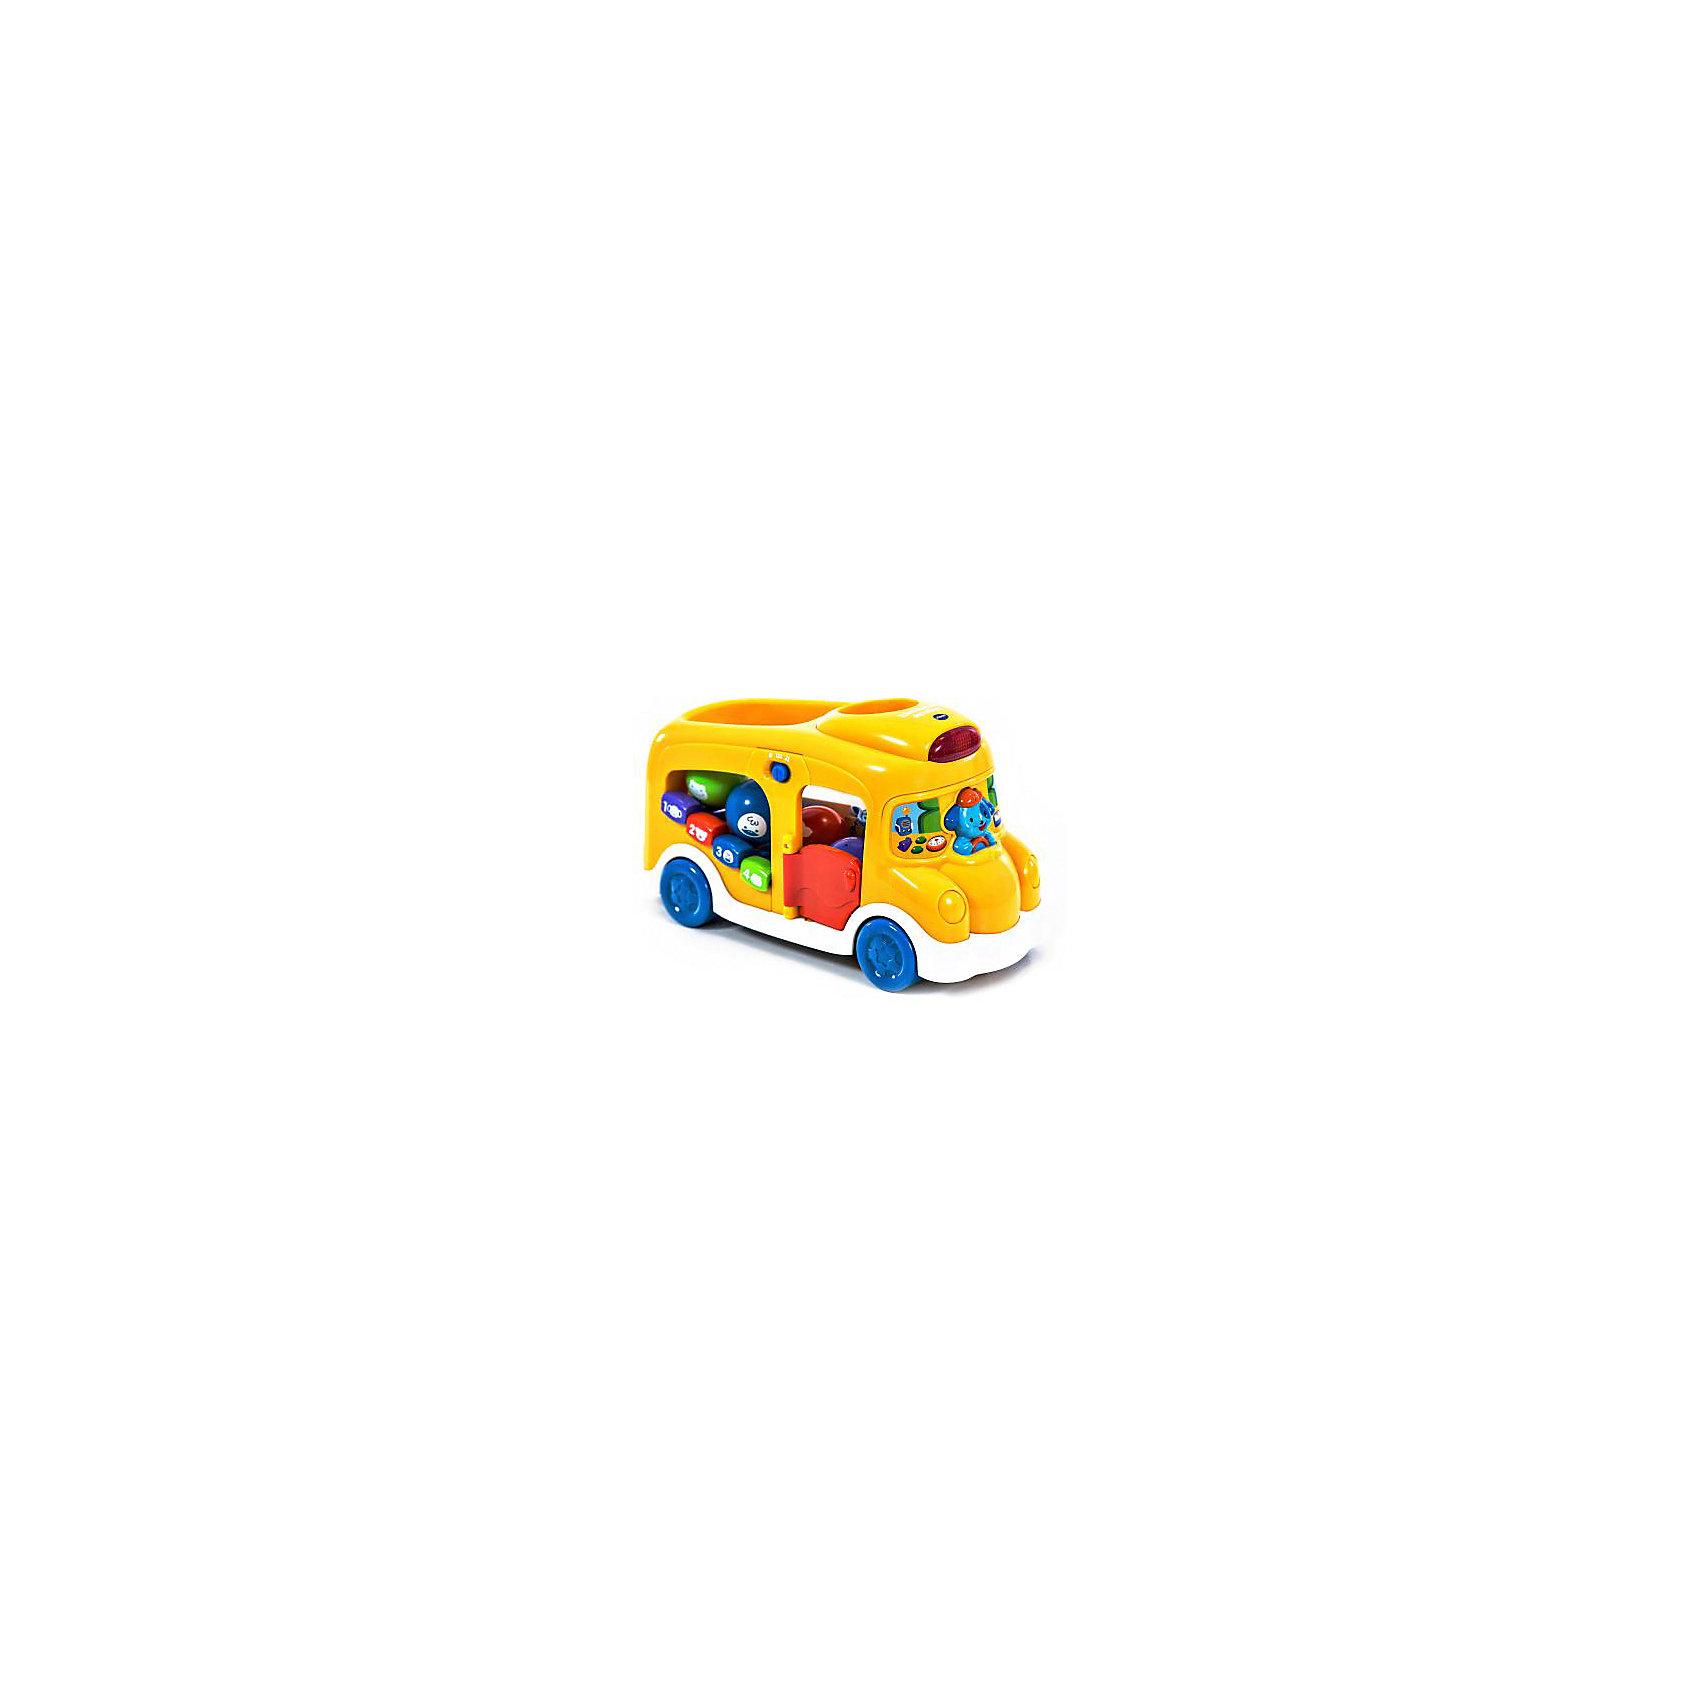 Школьный автобус, VtechИгрушки-каталки<br>Школьный автобус, Vtech (Втеч).<br><br>Характеристики:<br><br>• Для детей от 6 месяцев до 3 лет <br>• Комплектация: автобус, 4 интерактивных шарика разных цветов с нарисованными животными<br>• Материал: пластик<br>• Размер автобуса: 29x17,5x10,5 см.<br>• Батарейки: 3 типа АА (в комплекте демонстрационные)<br>• Упаковка: красочная подарочная коробка<br>• Размер упаковки: 35x24,5x14,5 см.<br><br>Красочный набор школьный автобус от французской компании Vtech – великолепная развивающая игрушка 2 в 1, которая работает в двух режимах обучающем и музыкальном. Играя в школьный автобус, ваш малыш выучит названия цветов и животных, научиться считать до 4-х, разовьет свои музыкальные способности игрой на пианино (4 клавиши) и послушает песенку из мультфильма. В комплект с автобусом входят 4 разноцветных интерактивных шарика с изображениями животных. <br><br>Бросая шарики в отверстие в крыше автобуса, малыш услышит голоса животных в зависимости от того, какой шарик он опустил. Когда малыш немного подрастет, он сможет катать игрушку за веревочку. Верёвочка хранится в специальном отсеке. Дверка автобуса открывается. Объемный водитель-собачка одновременно является кнопкой. Имеются световые эффекты. Предусмотрен таймер автоматического отключения. Игрушка изготовлена из прочного безопасного не бьющегося пластика. Продается в красочной коробке и идеально подходит в качестве подарка.<br><br>Игрушку Школьный автобус, Vtech (Втеч) можно купить в нашем интернет-магазине.<br><br>Ширина мм: 150<br>Глубина мм: 360<br>Высота мм: 250<br>Вес г: 1600<br>Возраст от месяцев: 6<br>Возраст до месяцев: 36<br>Пол: Унисекс<br>Возраст: Детский<br>SKU: 3380331